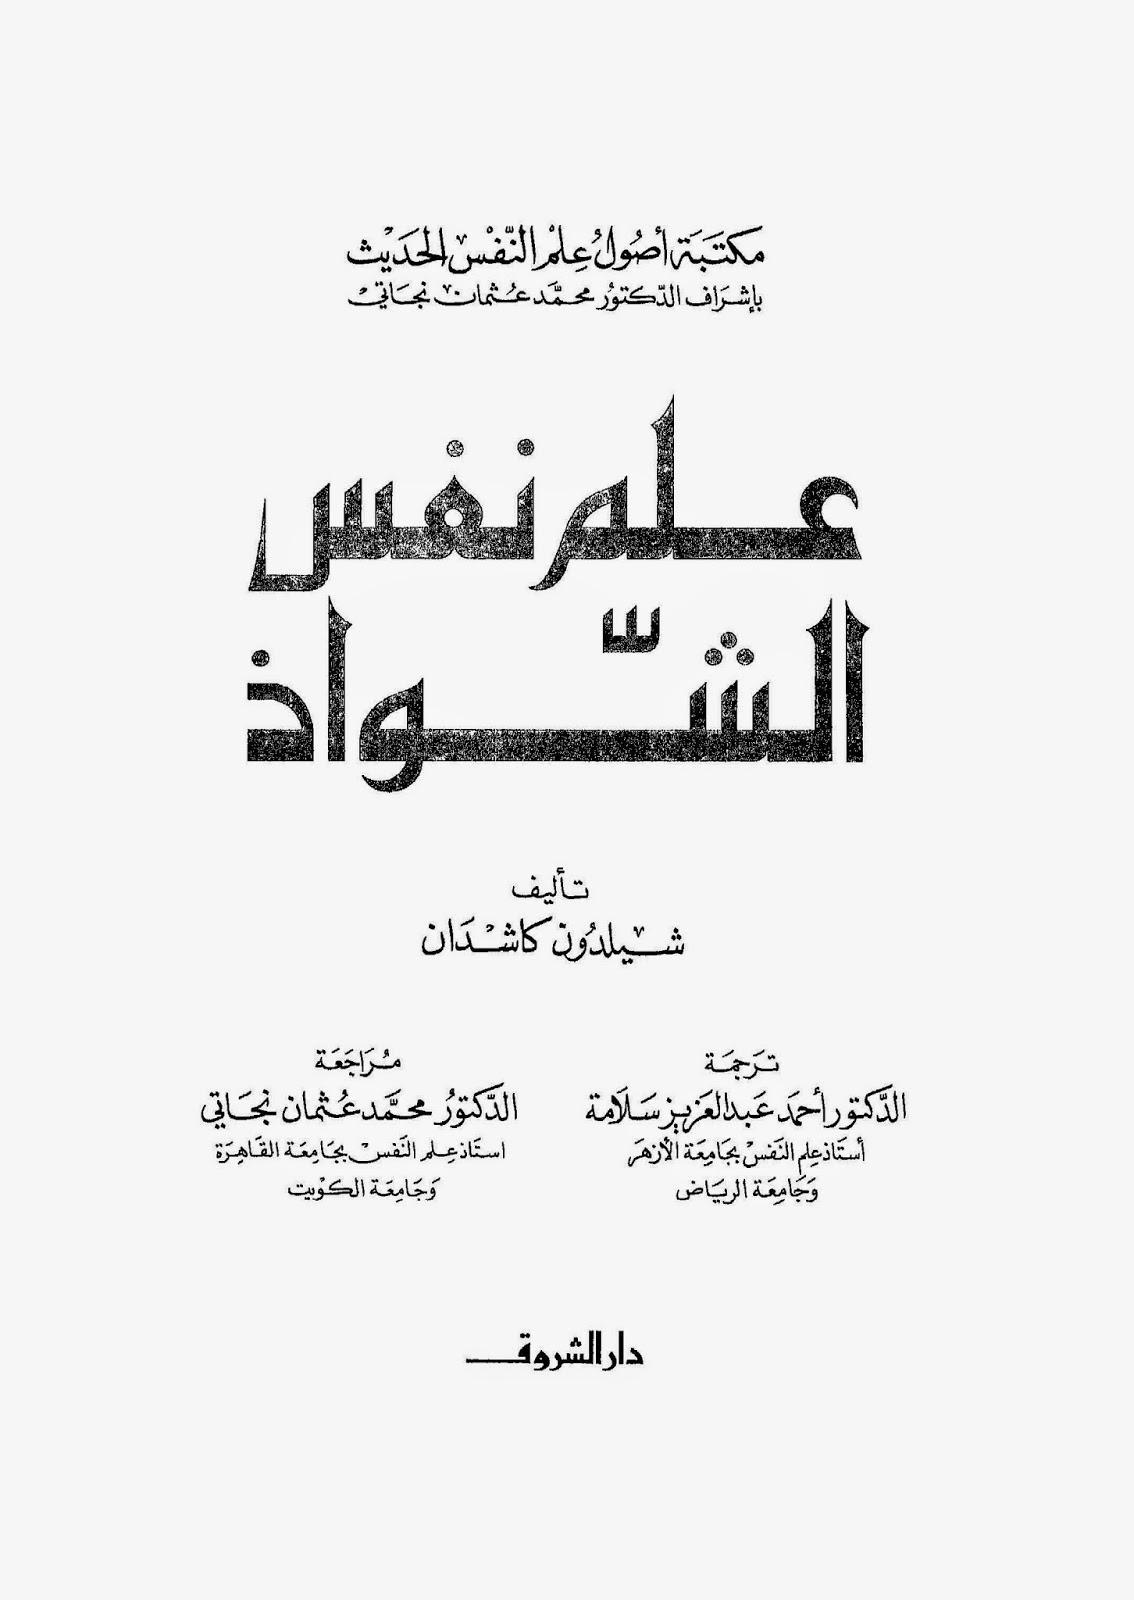 كتاب علم نفس الشواذ لـ شيلدون كاشدان